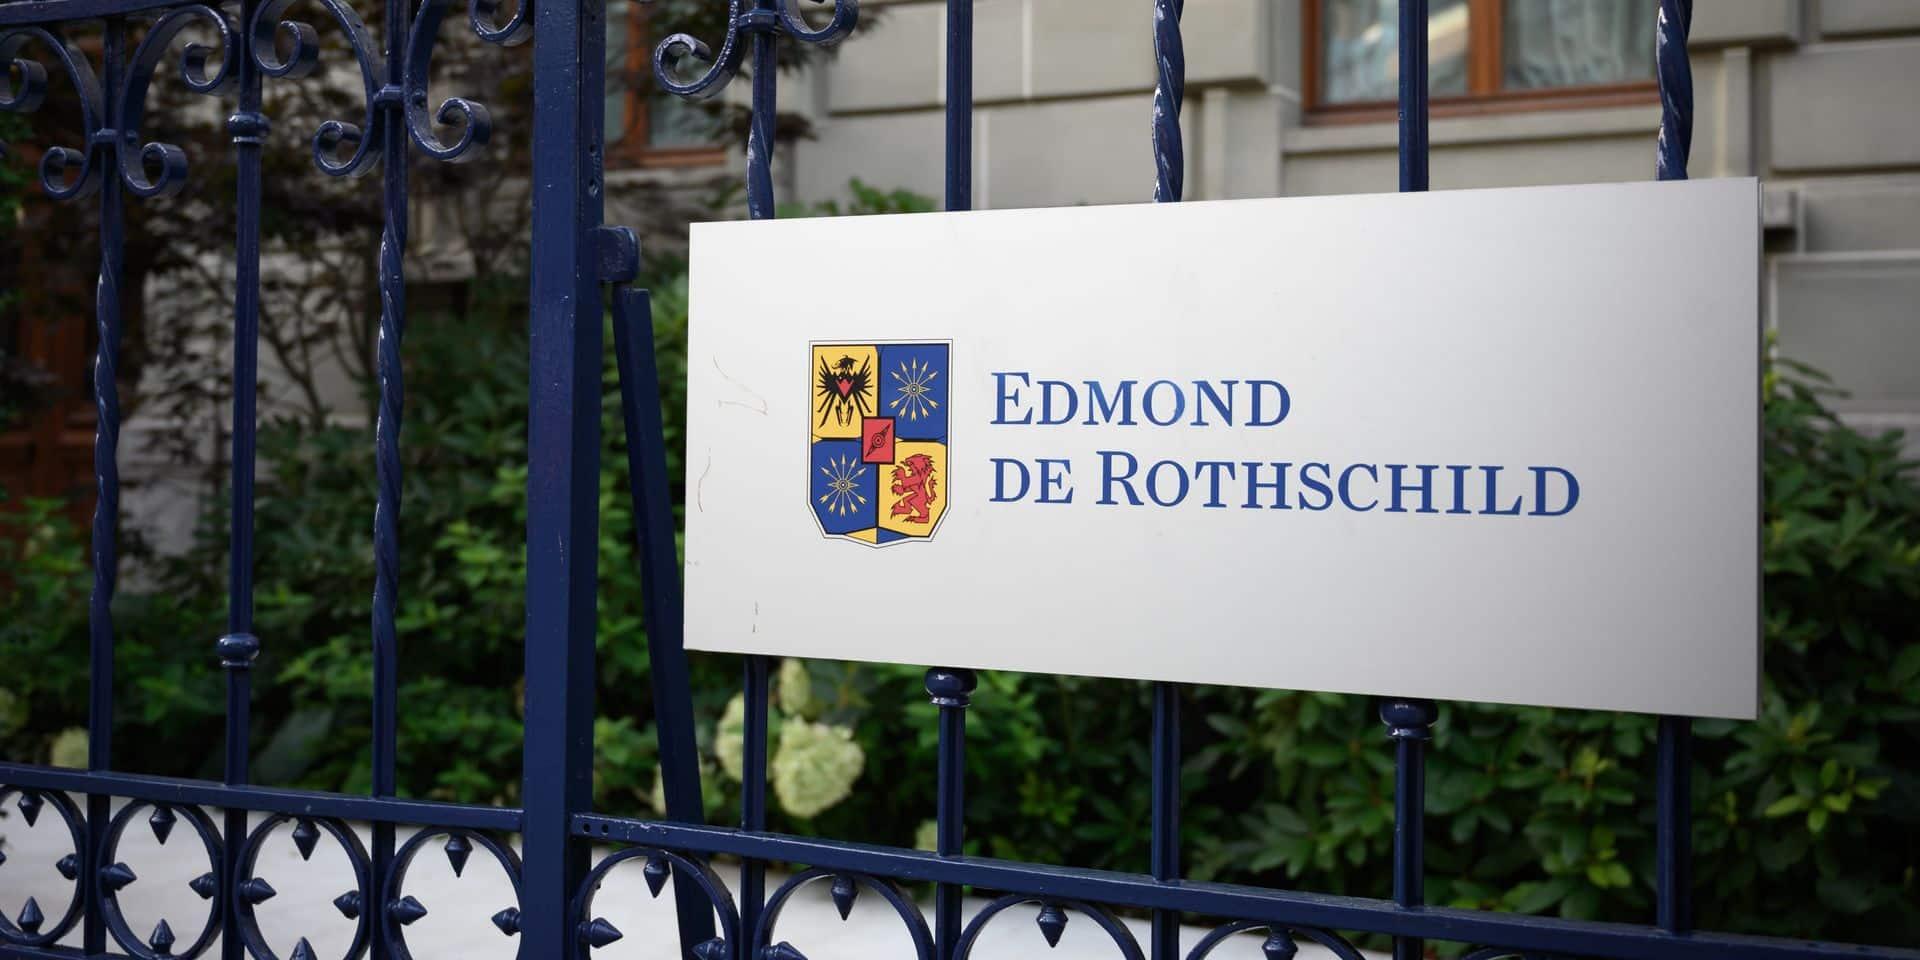 Une affaire embarrassante : Edmond de Rothschild visé par une plainte à... 100 millions de dollars